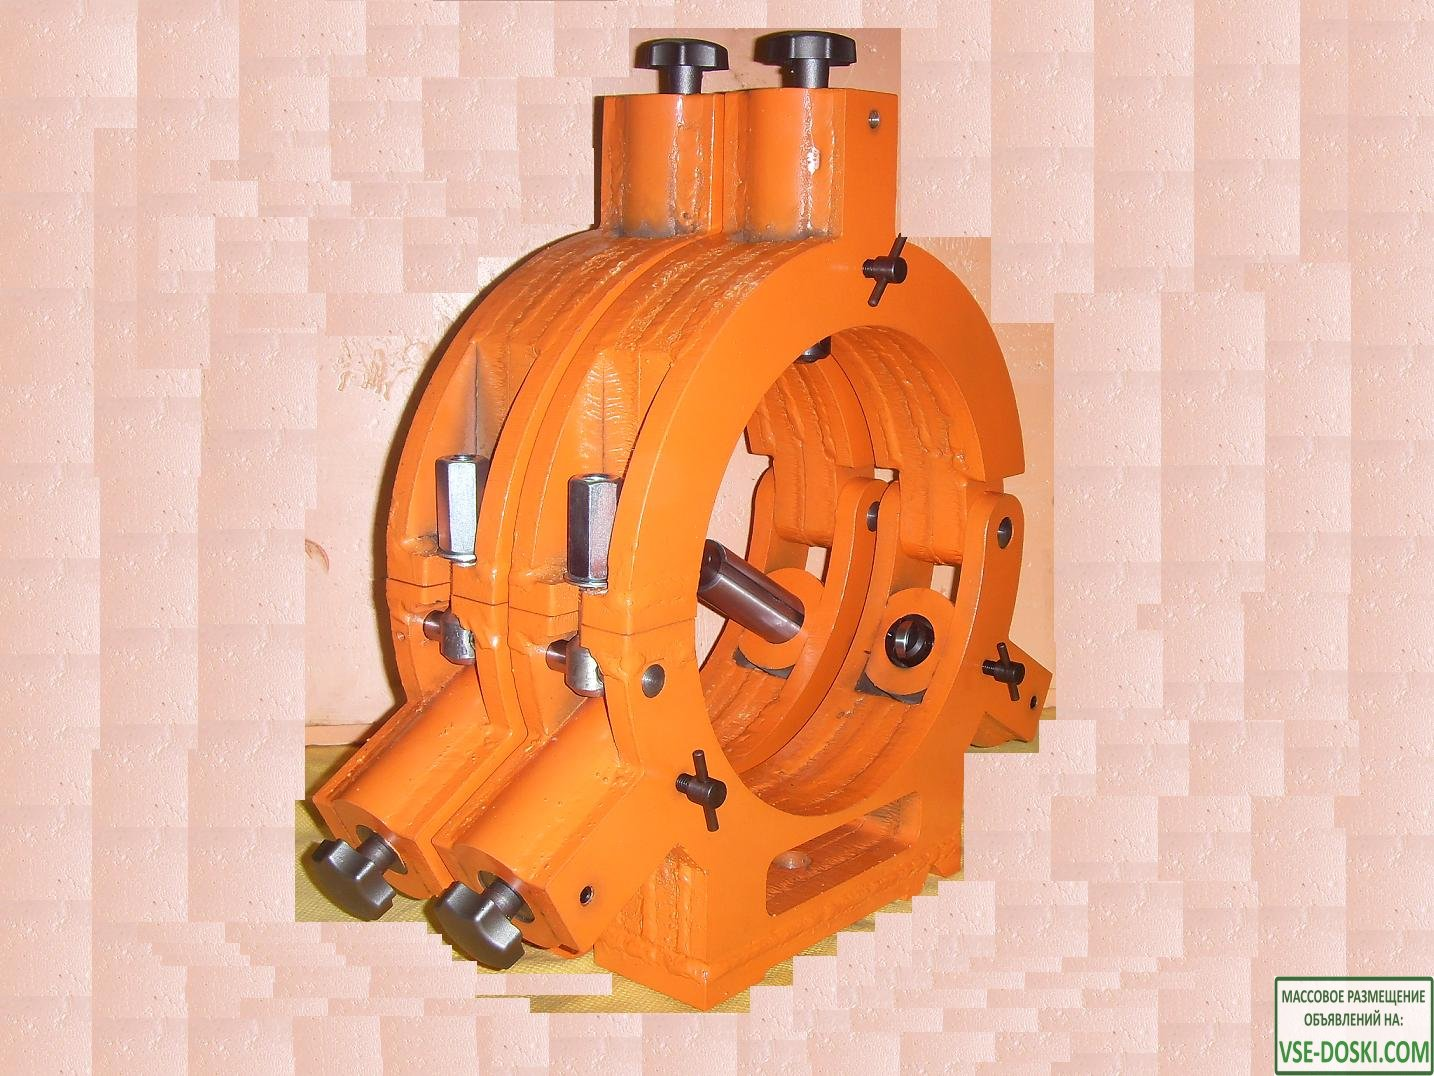 Люнет 16К20 неподвижный, 320 мм. цена производителя